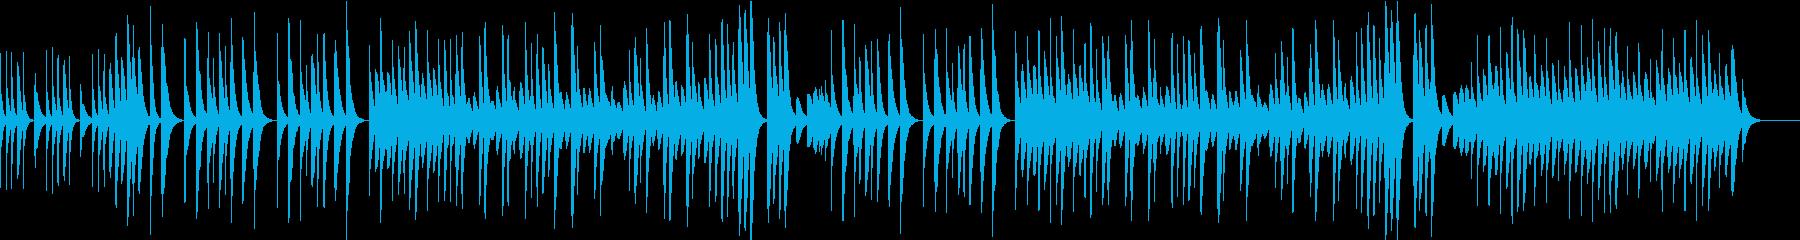 ほのぼのとした木琴のBGMの再生済みの波形